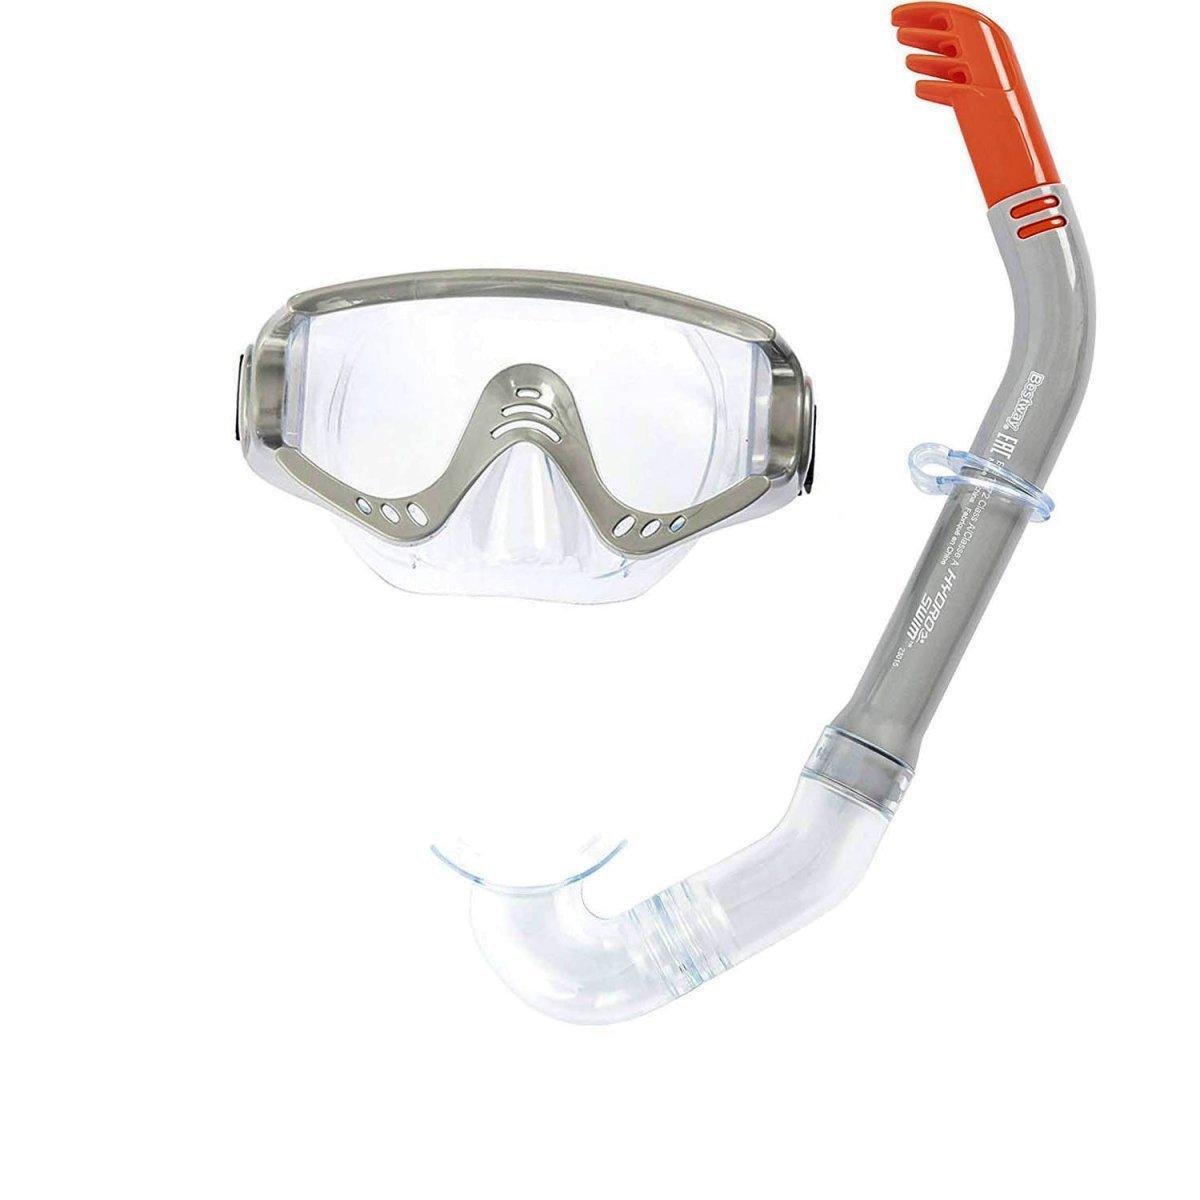 Набор 2 в 1 для плавания Bestway 24020 (маска: размер XL, (10+), обхват головы ≈ 56 см, трубка), серый